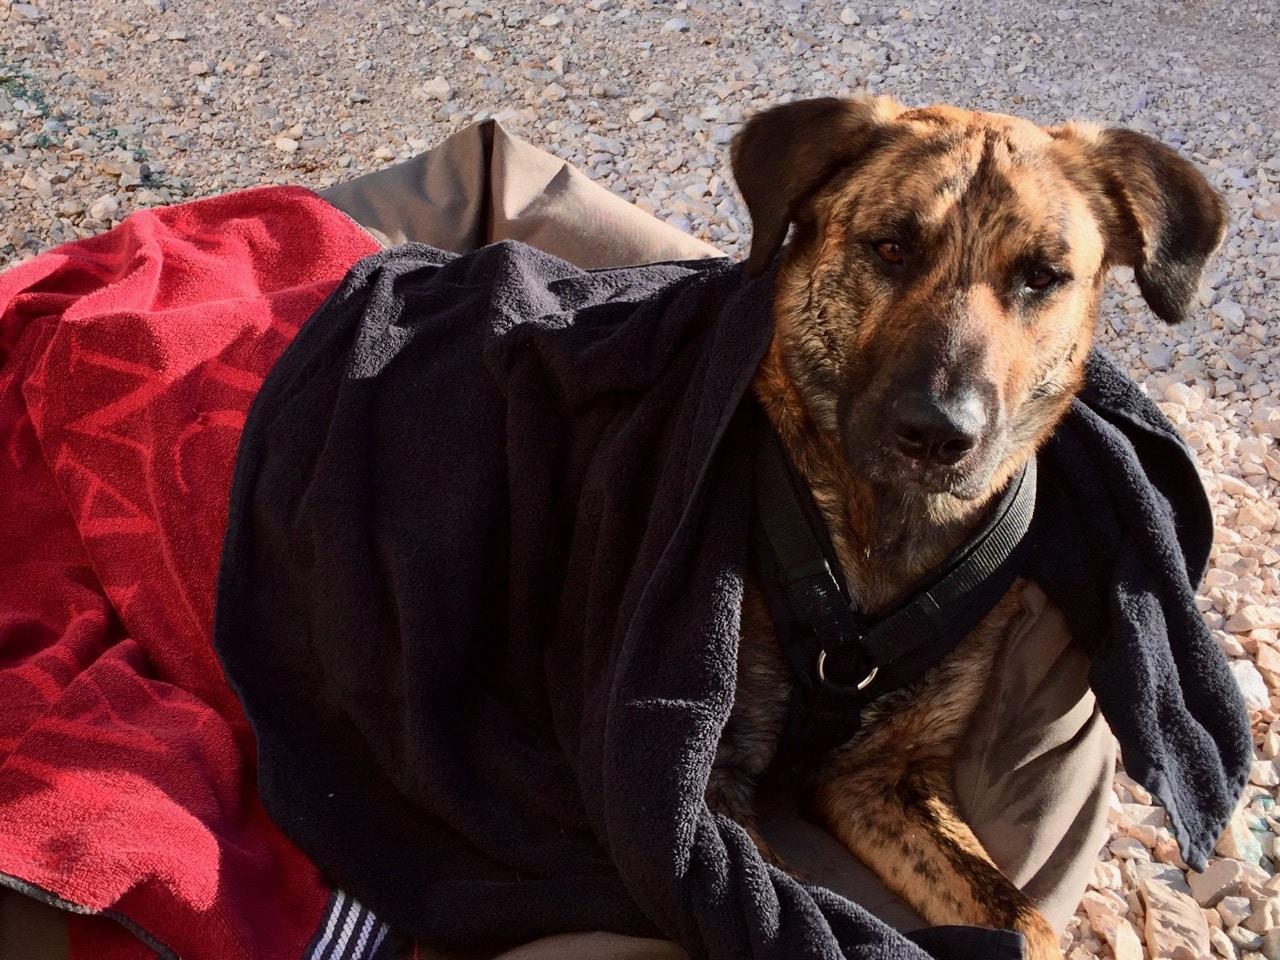 Ein nasser Hund liegt in ein rotes und ein schwarzes Handtuch gewickelt in einem Hundekörbchen und schaut in die Kamera